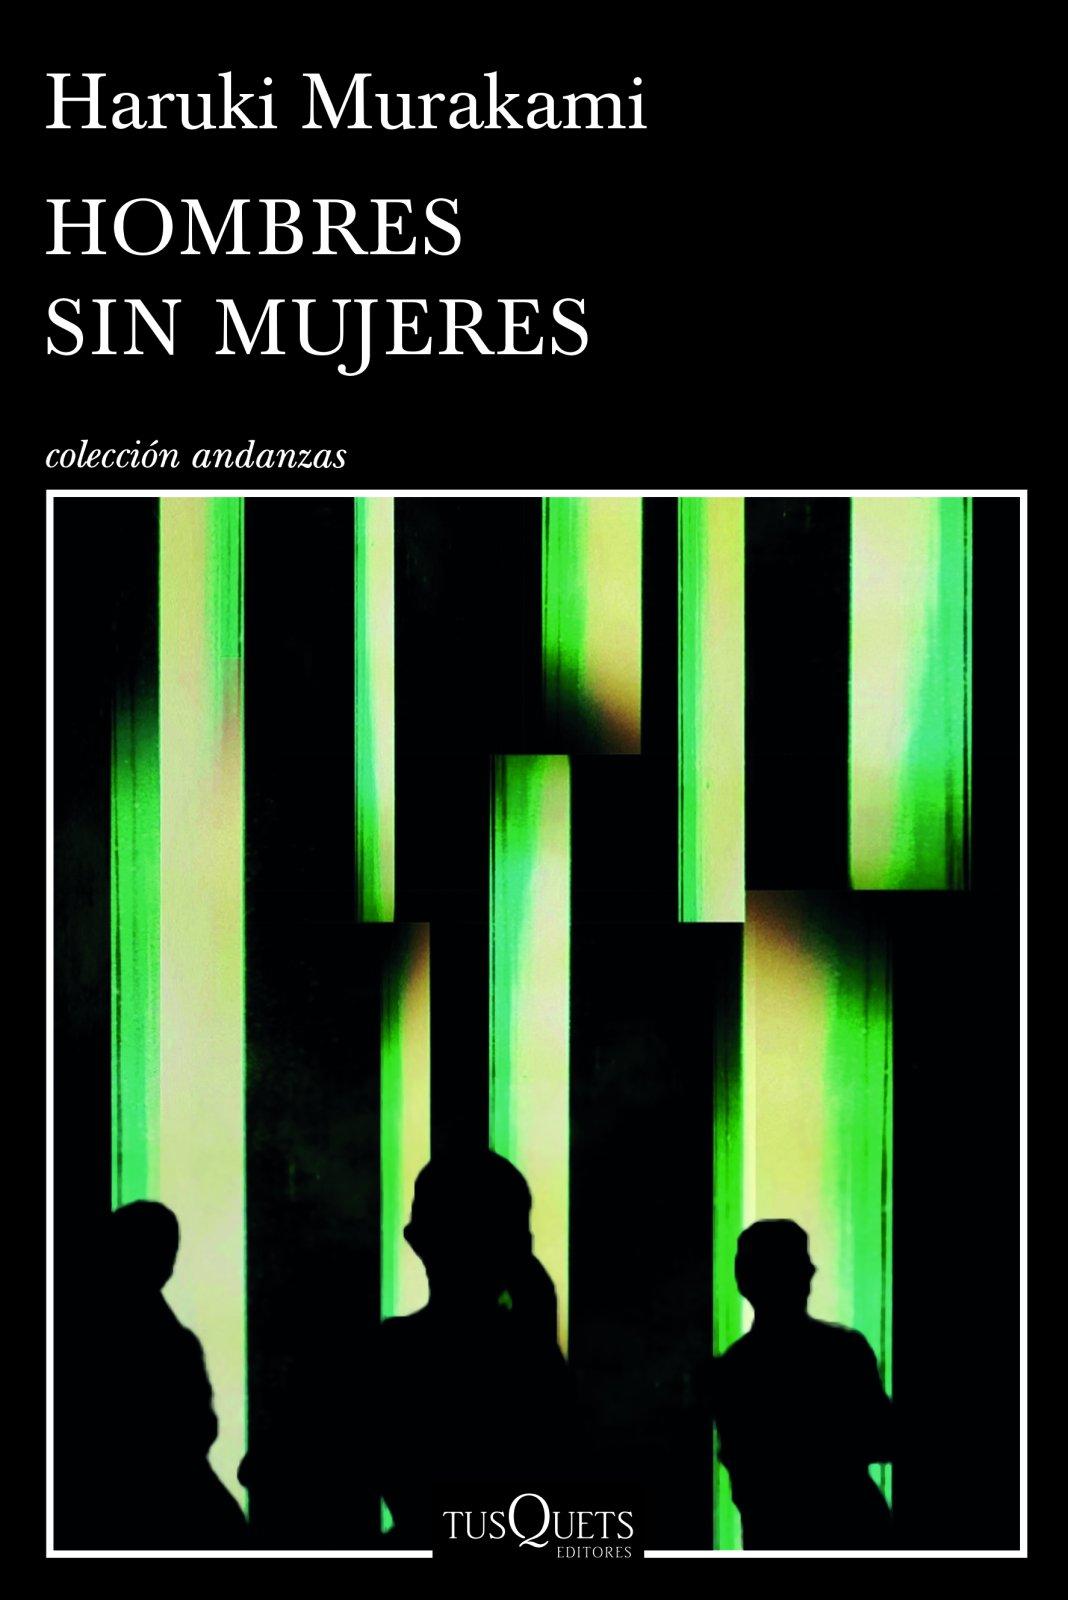 Hombres Sin Mujeres: Amazon.es: Murakami, Haruki: Libros